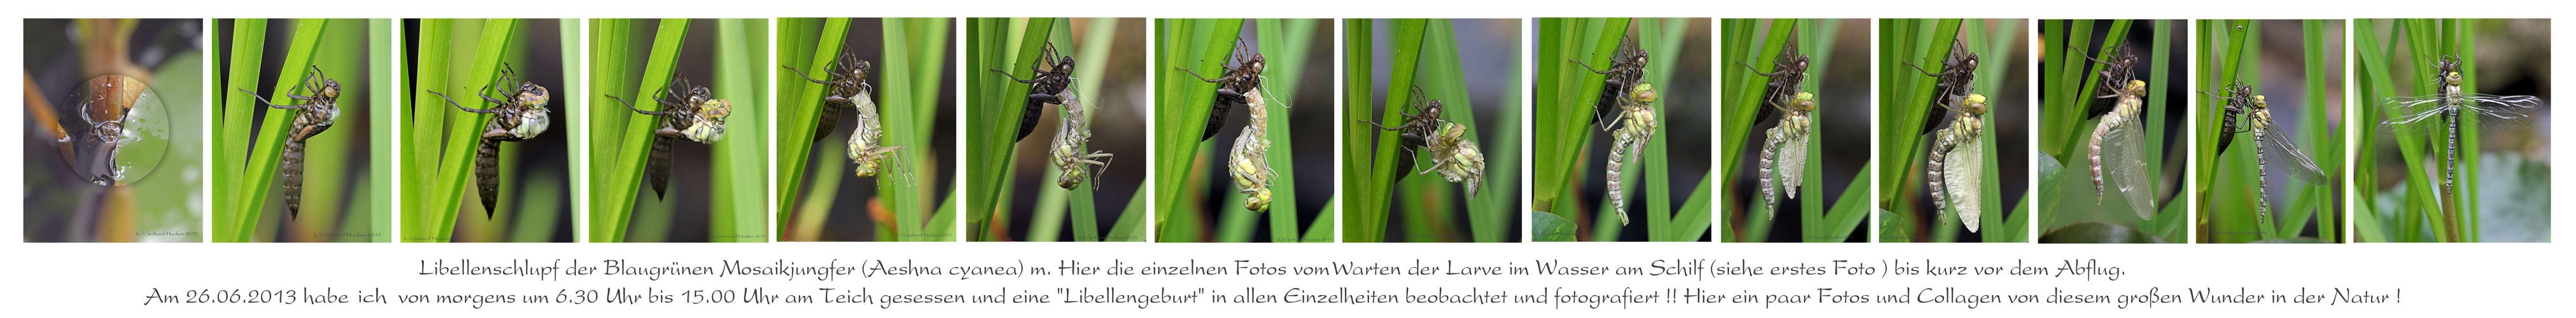 Libellenschlupf der Blaugrünen Mosaikjungfer (Aeshna cyanea) m